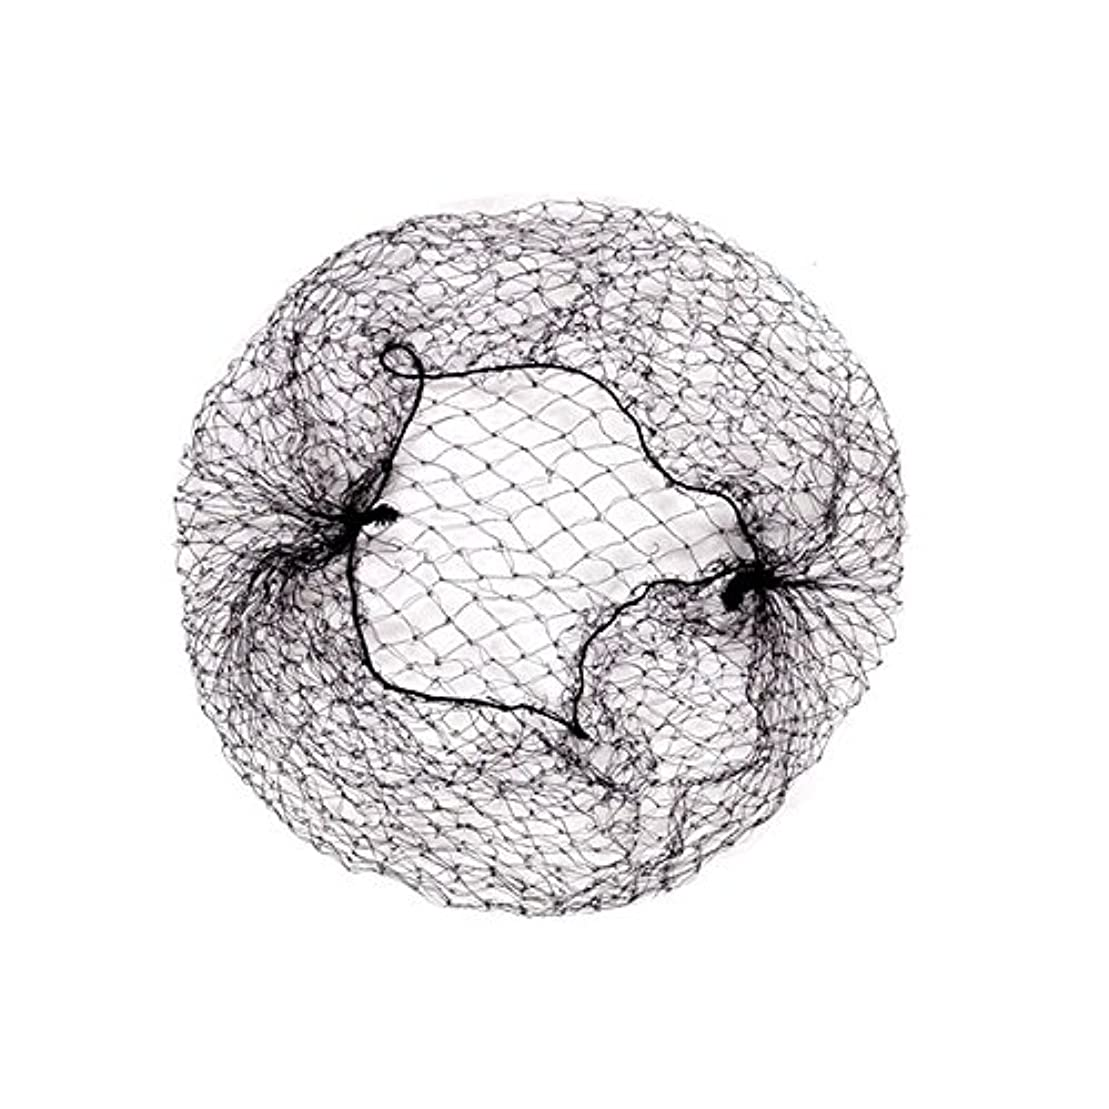 超越する専門化する中央髪束ねネットセット(アシアナネット) ファッション小物 60枚セット